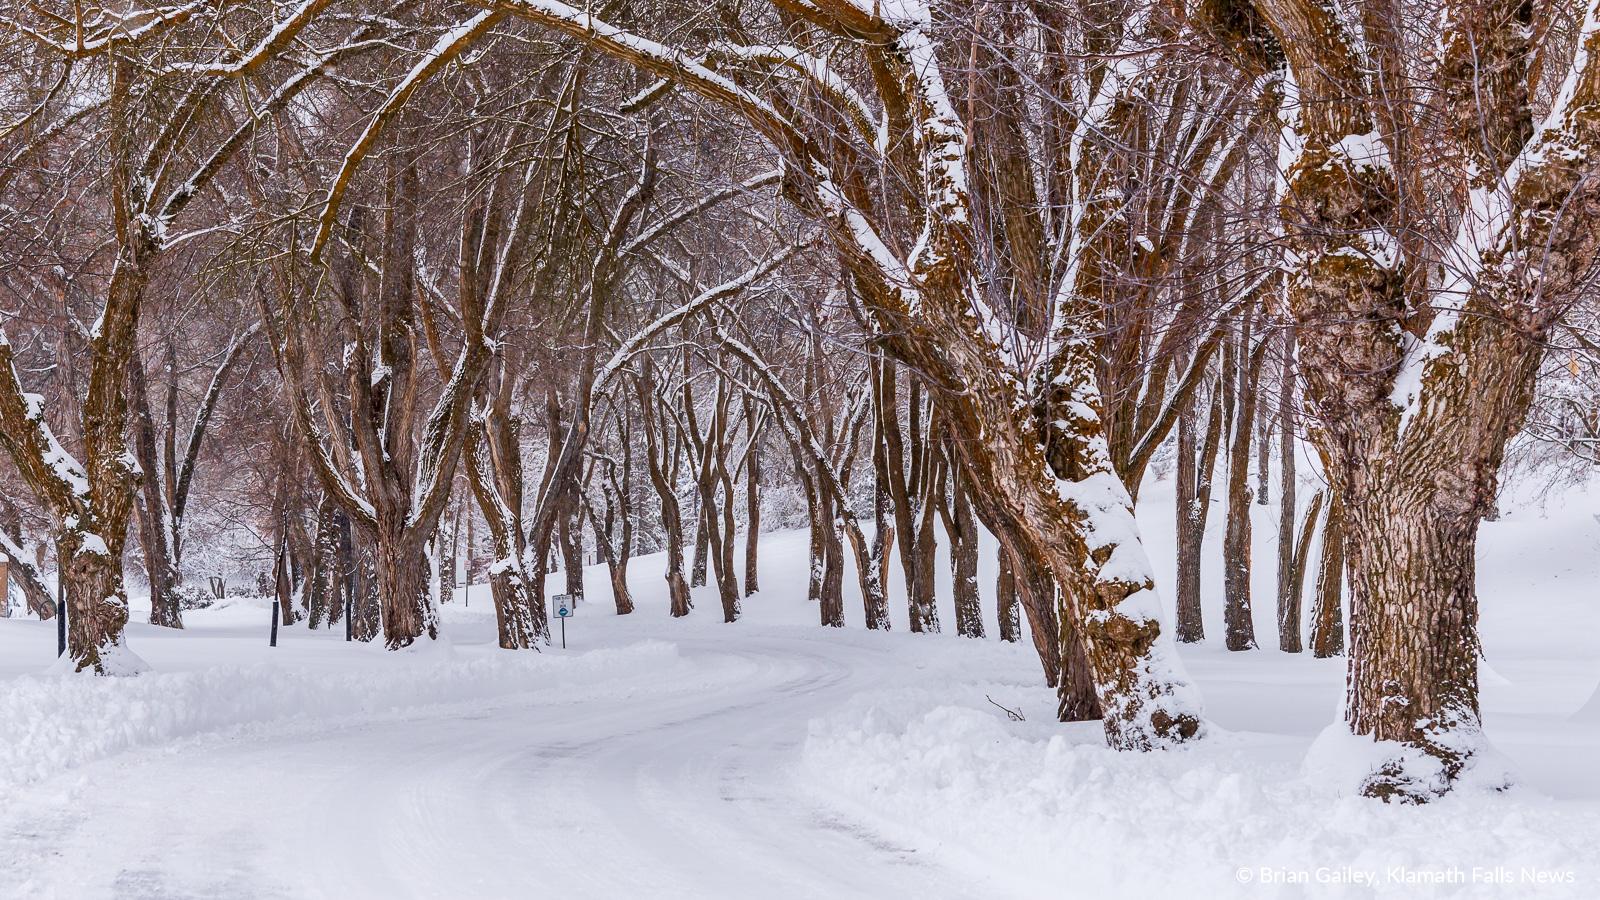 20190213-Snow-KFN-7831.jpg